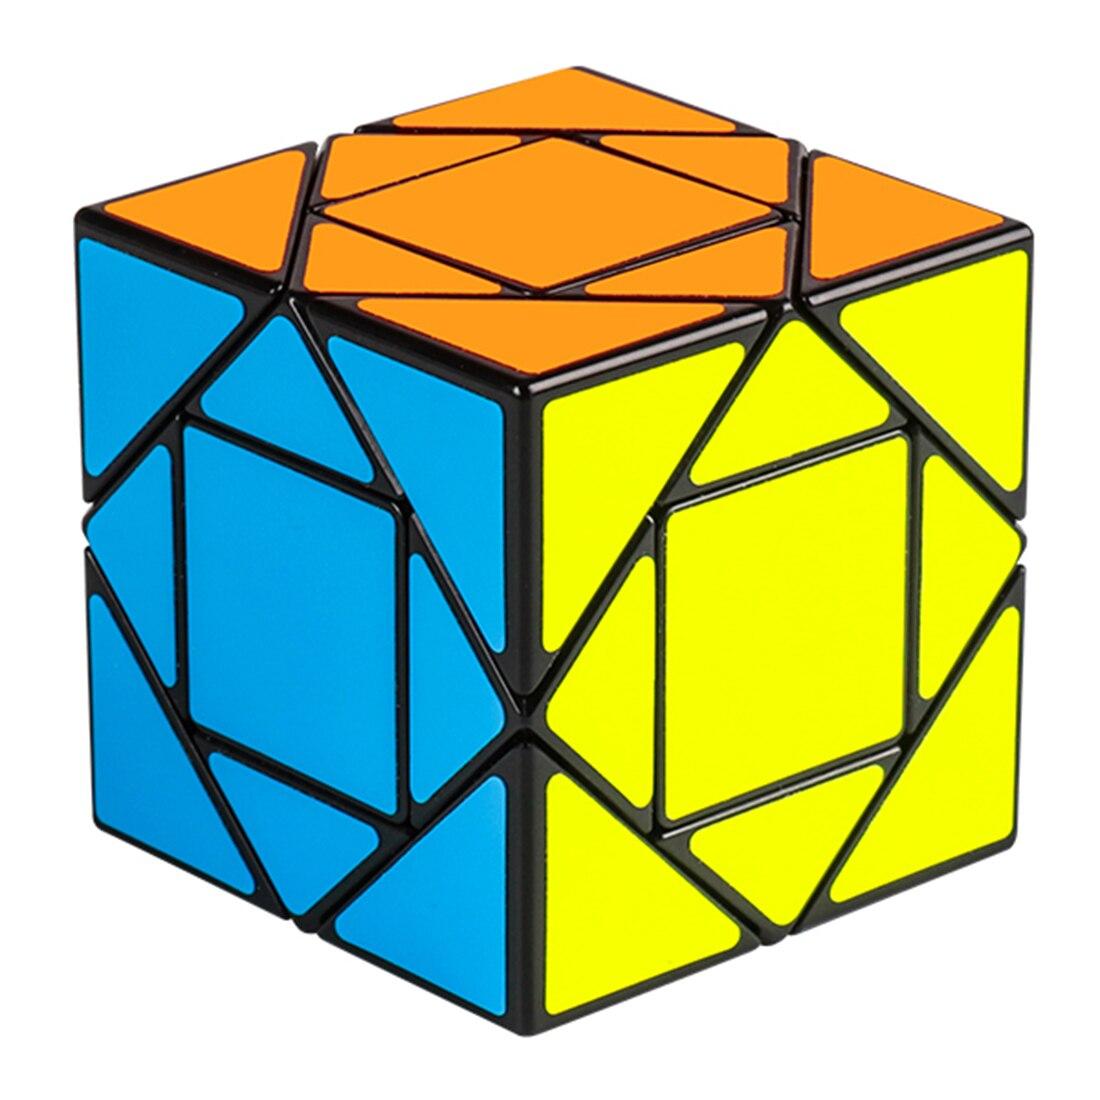 Rowsfire MF8847 Mofang Jiaoshi Pandora Magic Cube Educational Toys for Brain Trainning Black